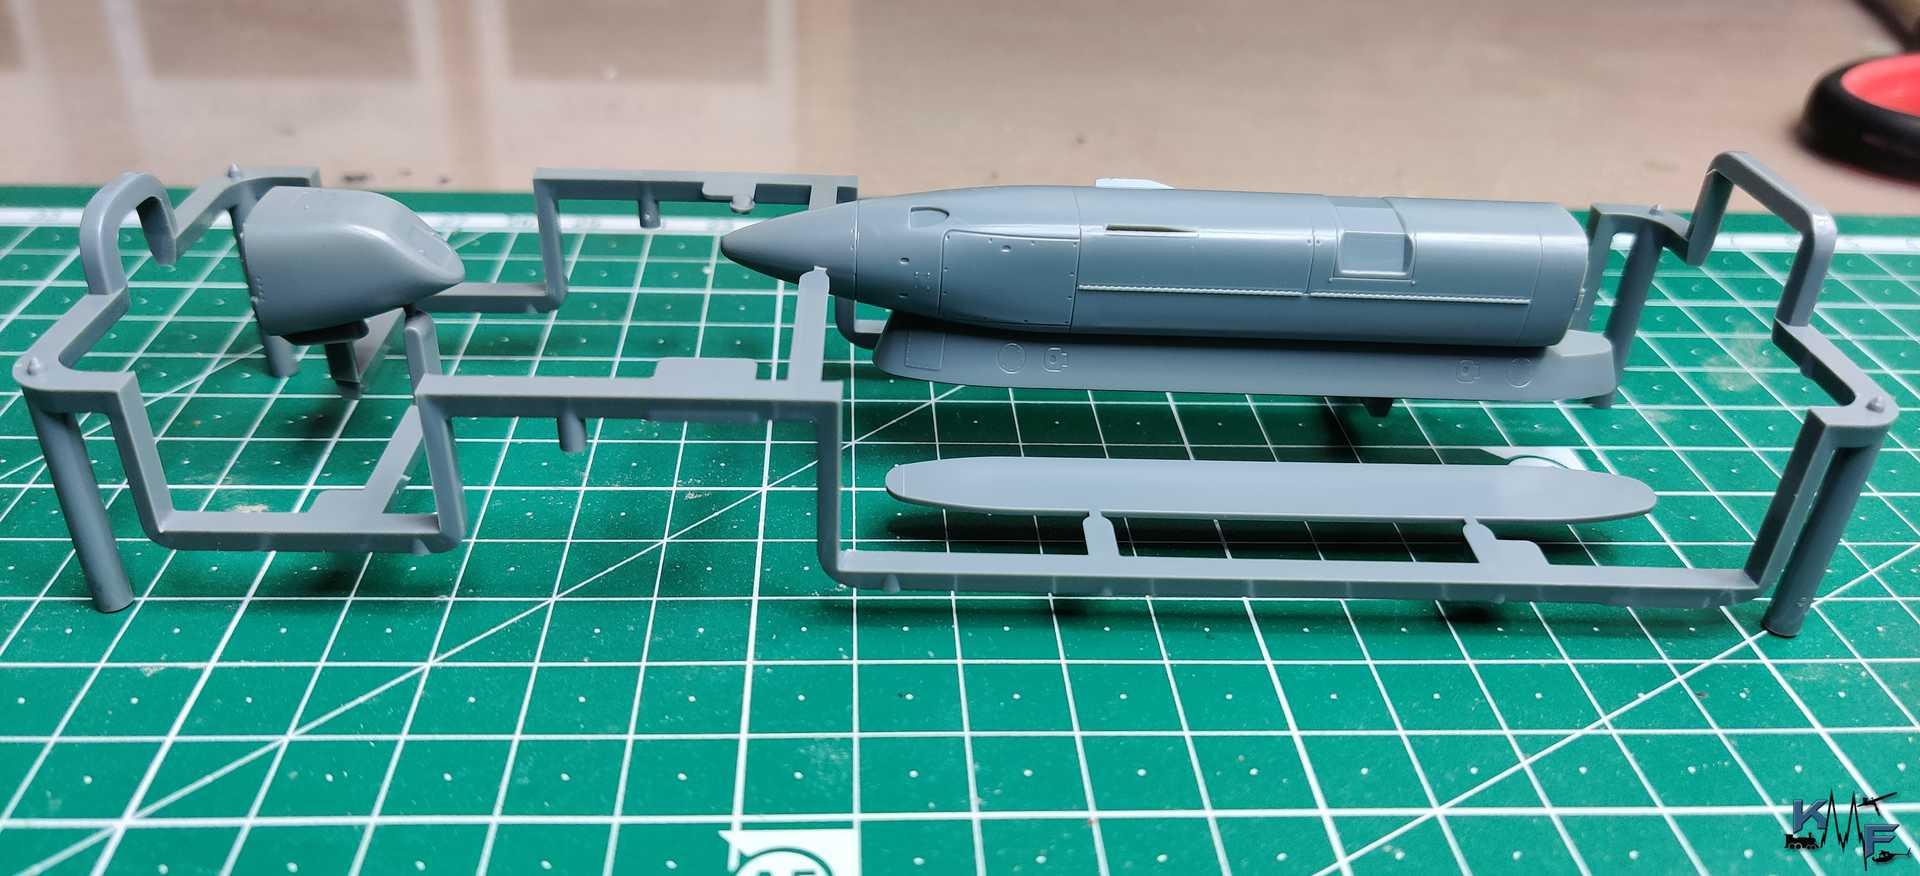 BV-AMK-F-14D_052.jpg